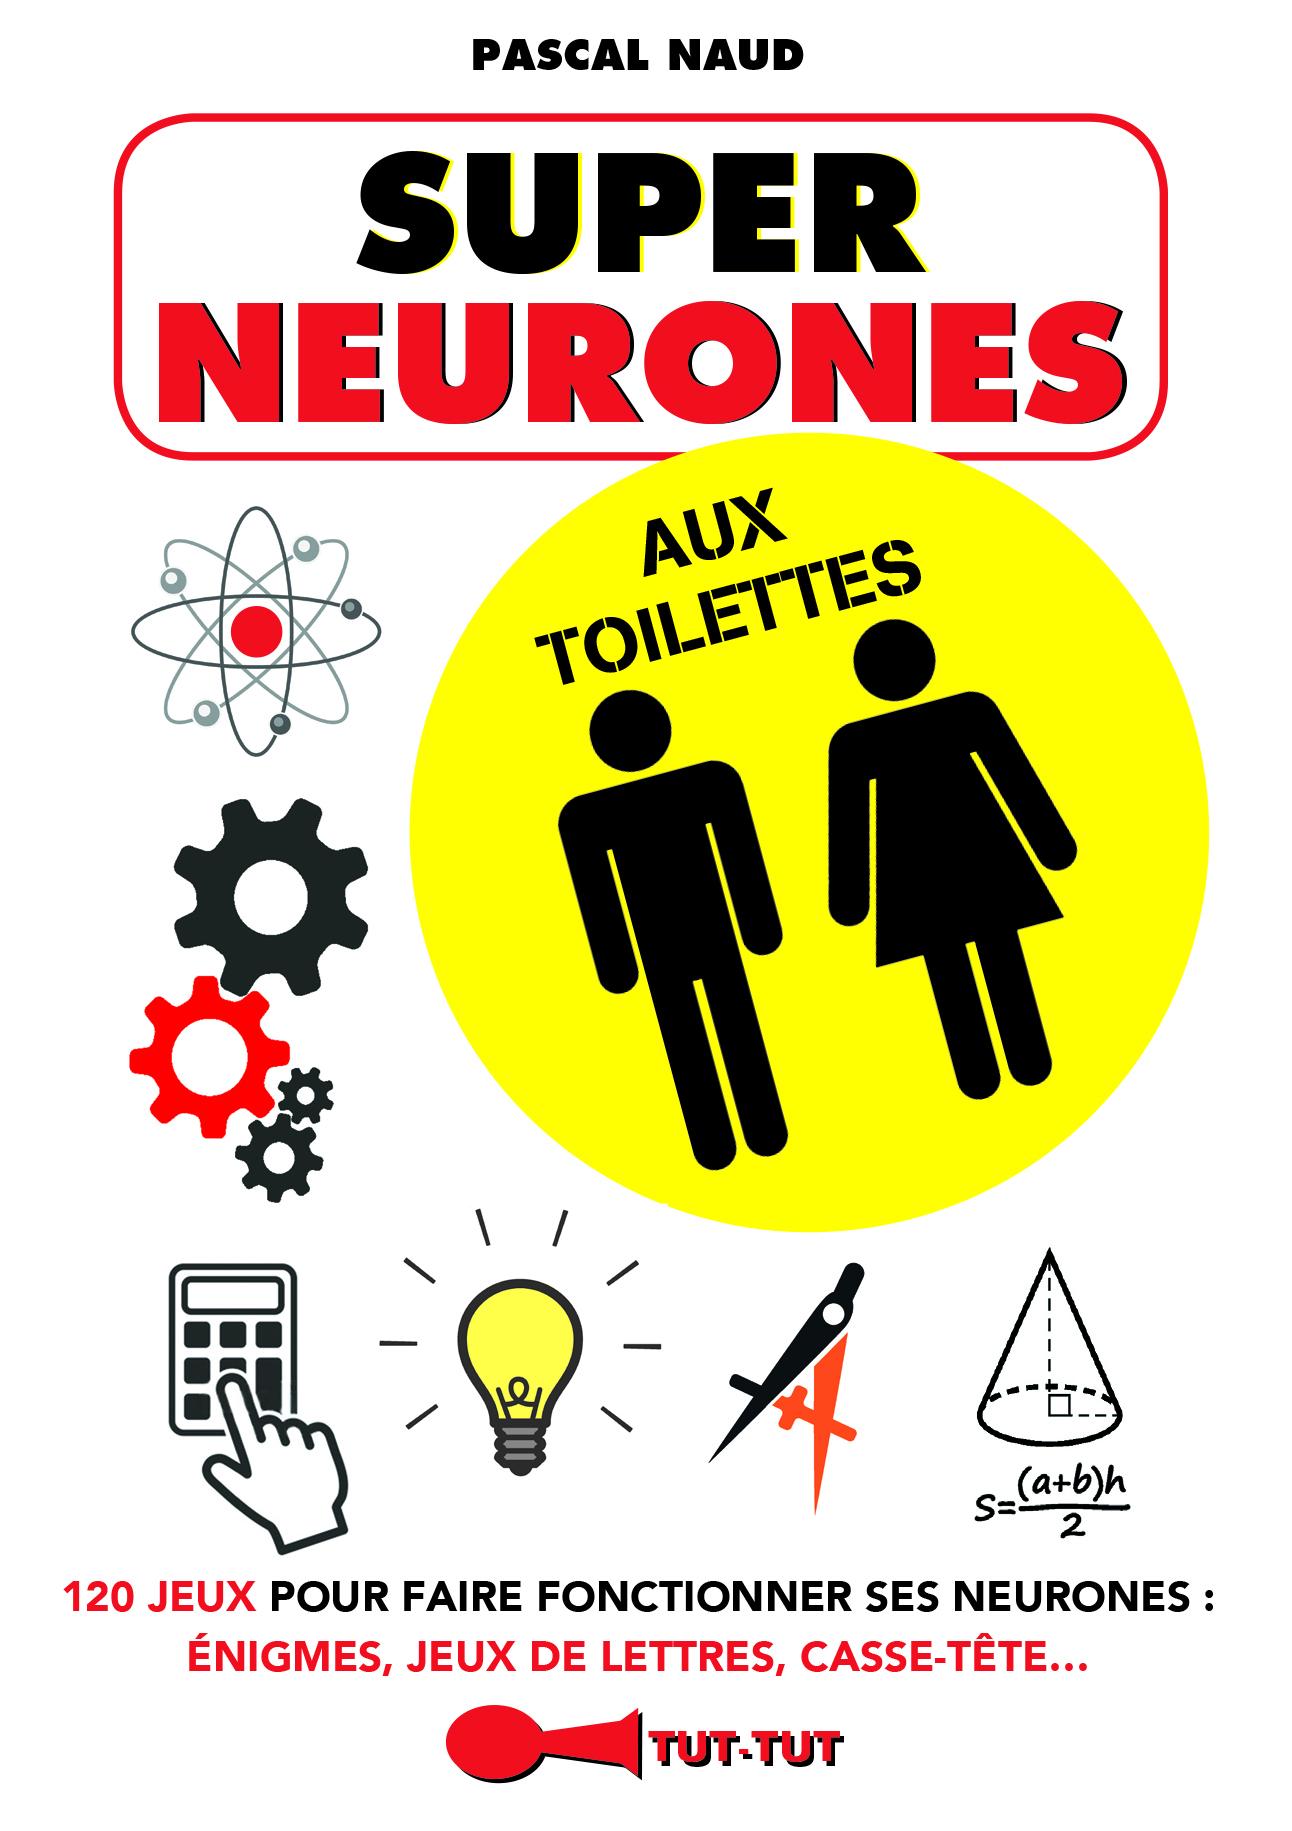 SUPER NEURONES AUX TOILETTES